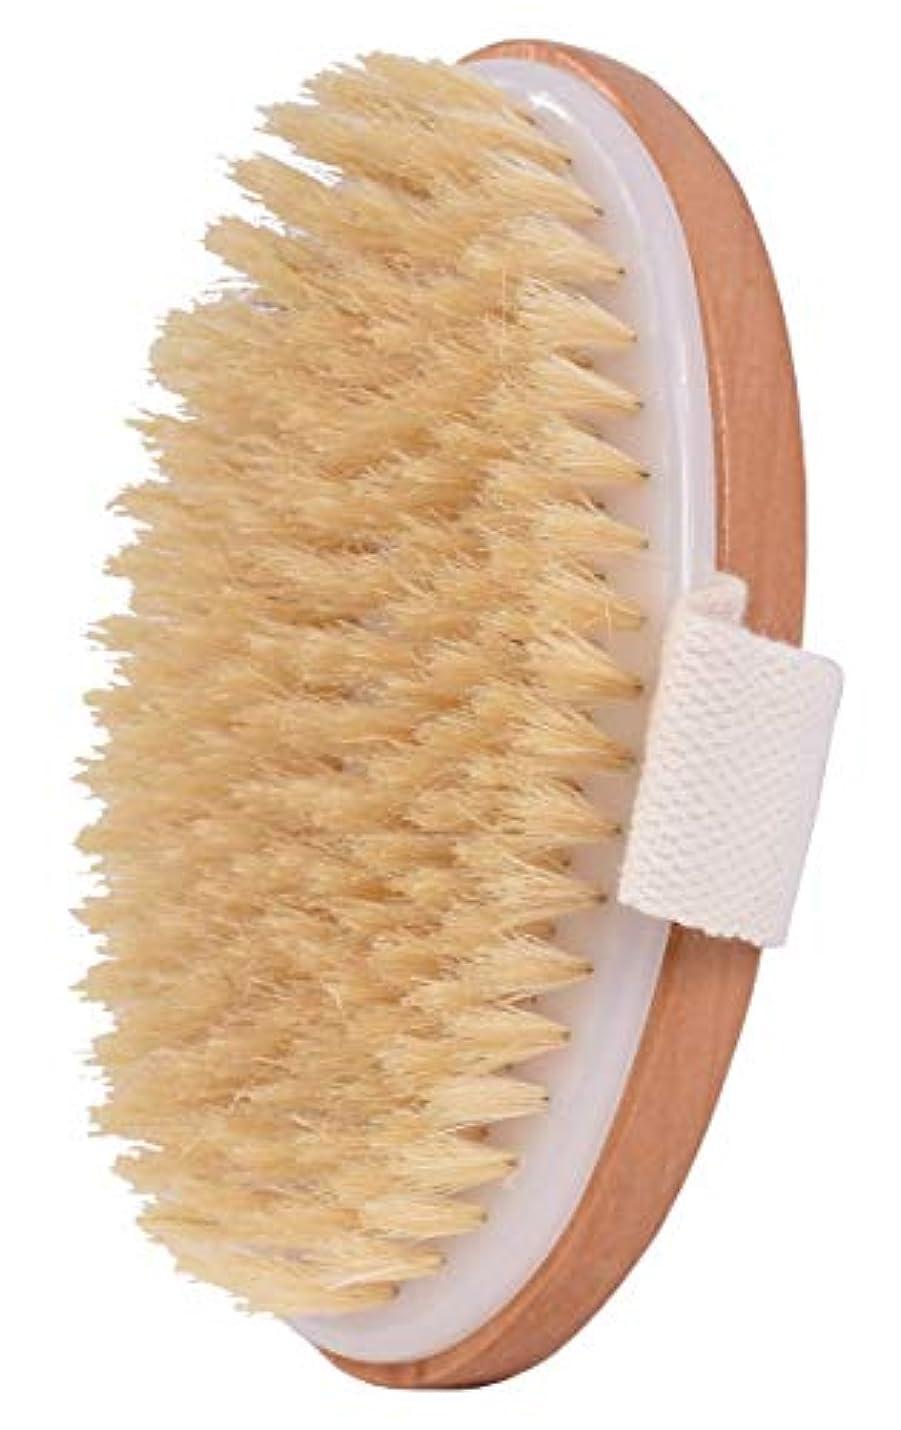 口径修羅場即席ボディブラシ 100%天然高級な豚毛マッサージ バス用品 竹製シャワーブラシ お風呂用体洗い角質除去 美肌効果 血液循環を改善し、健康と美容に良い